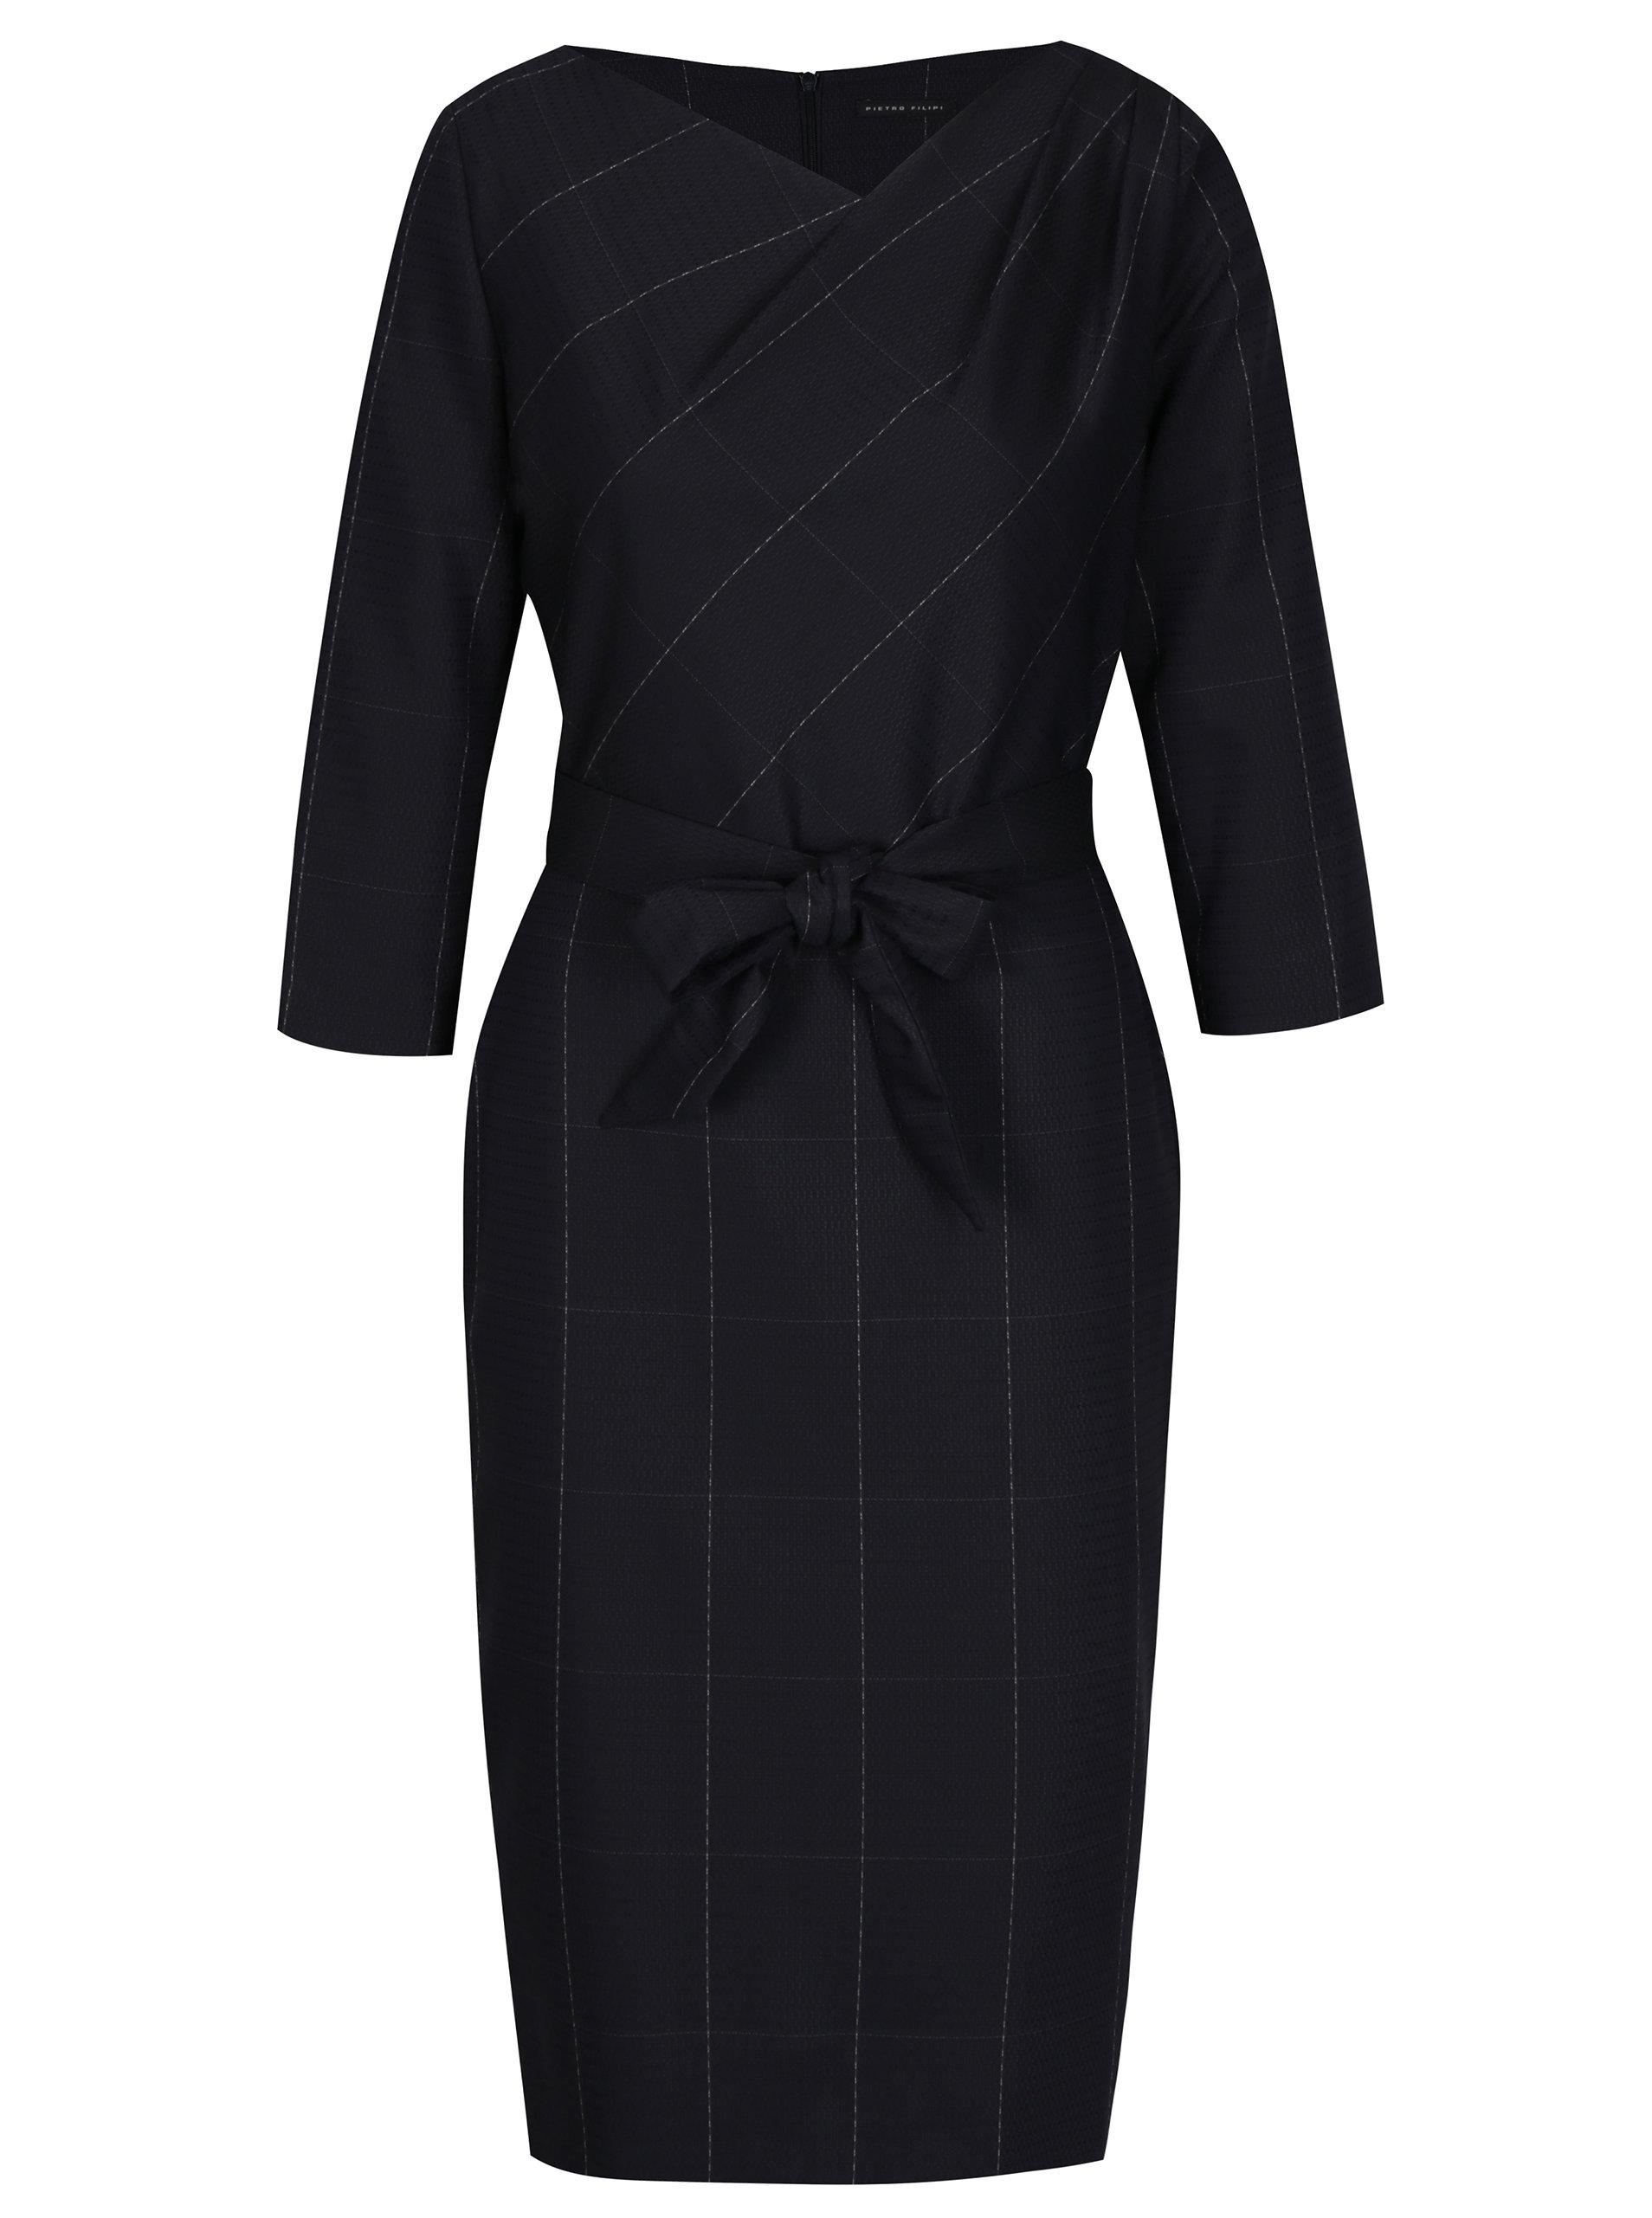 bbc814792a8e Tmavě modré dámské šaty s 3 4 rukávem Pietro Filipi ...